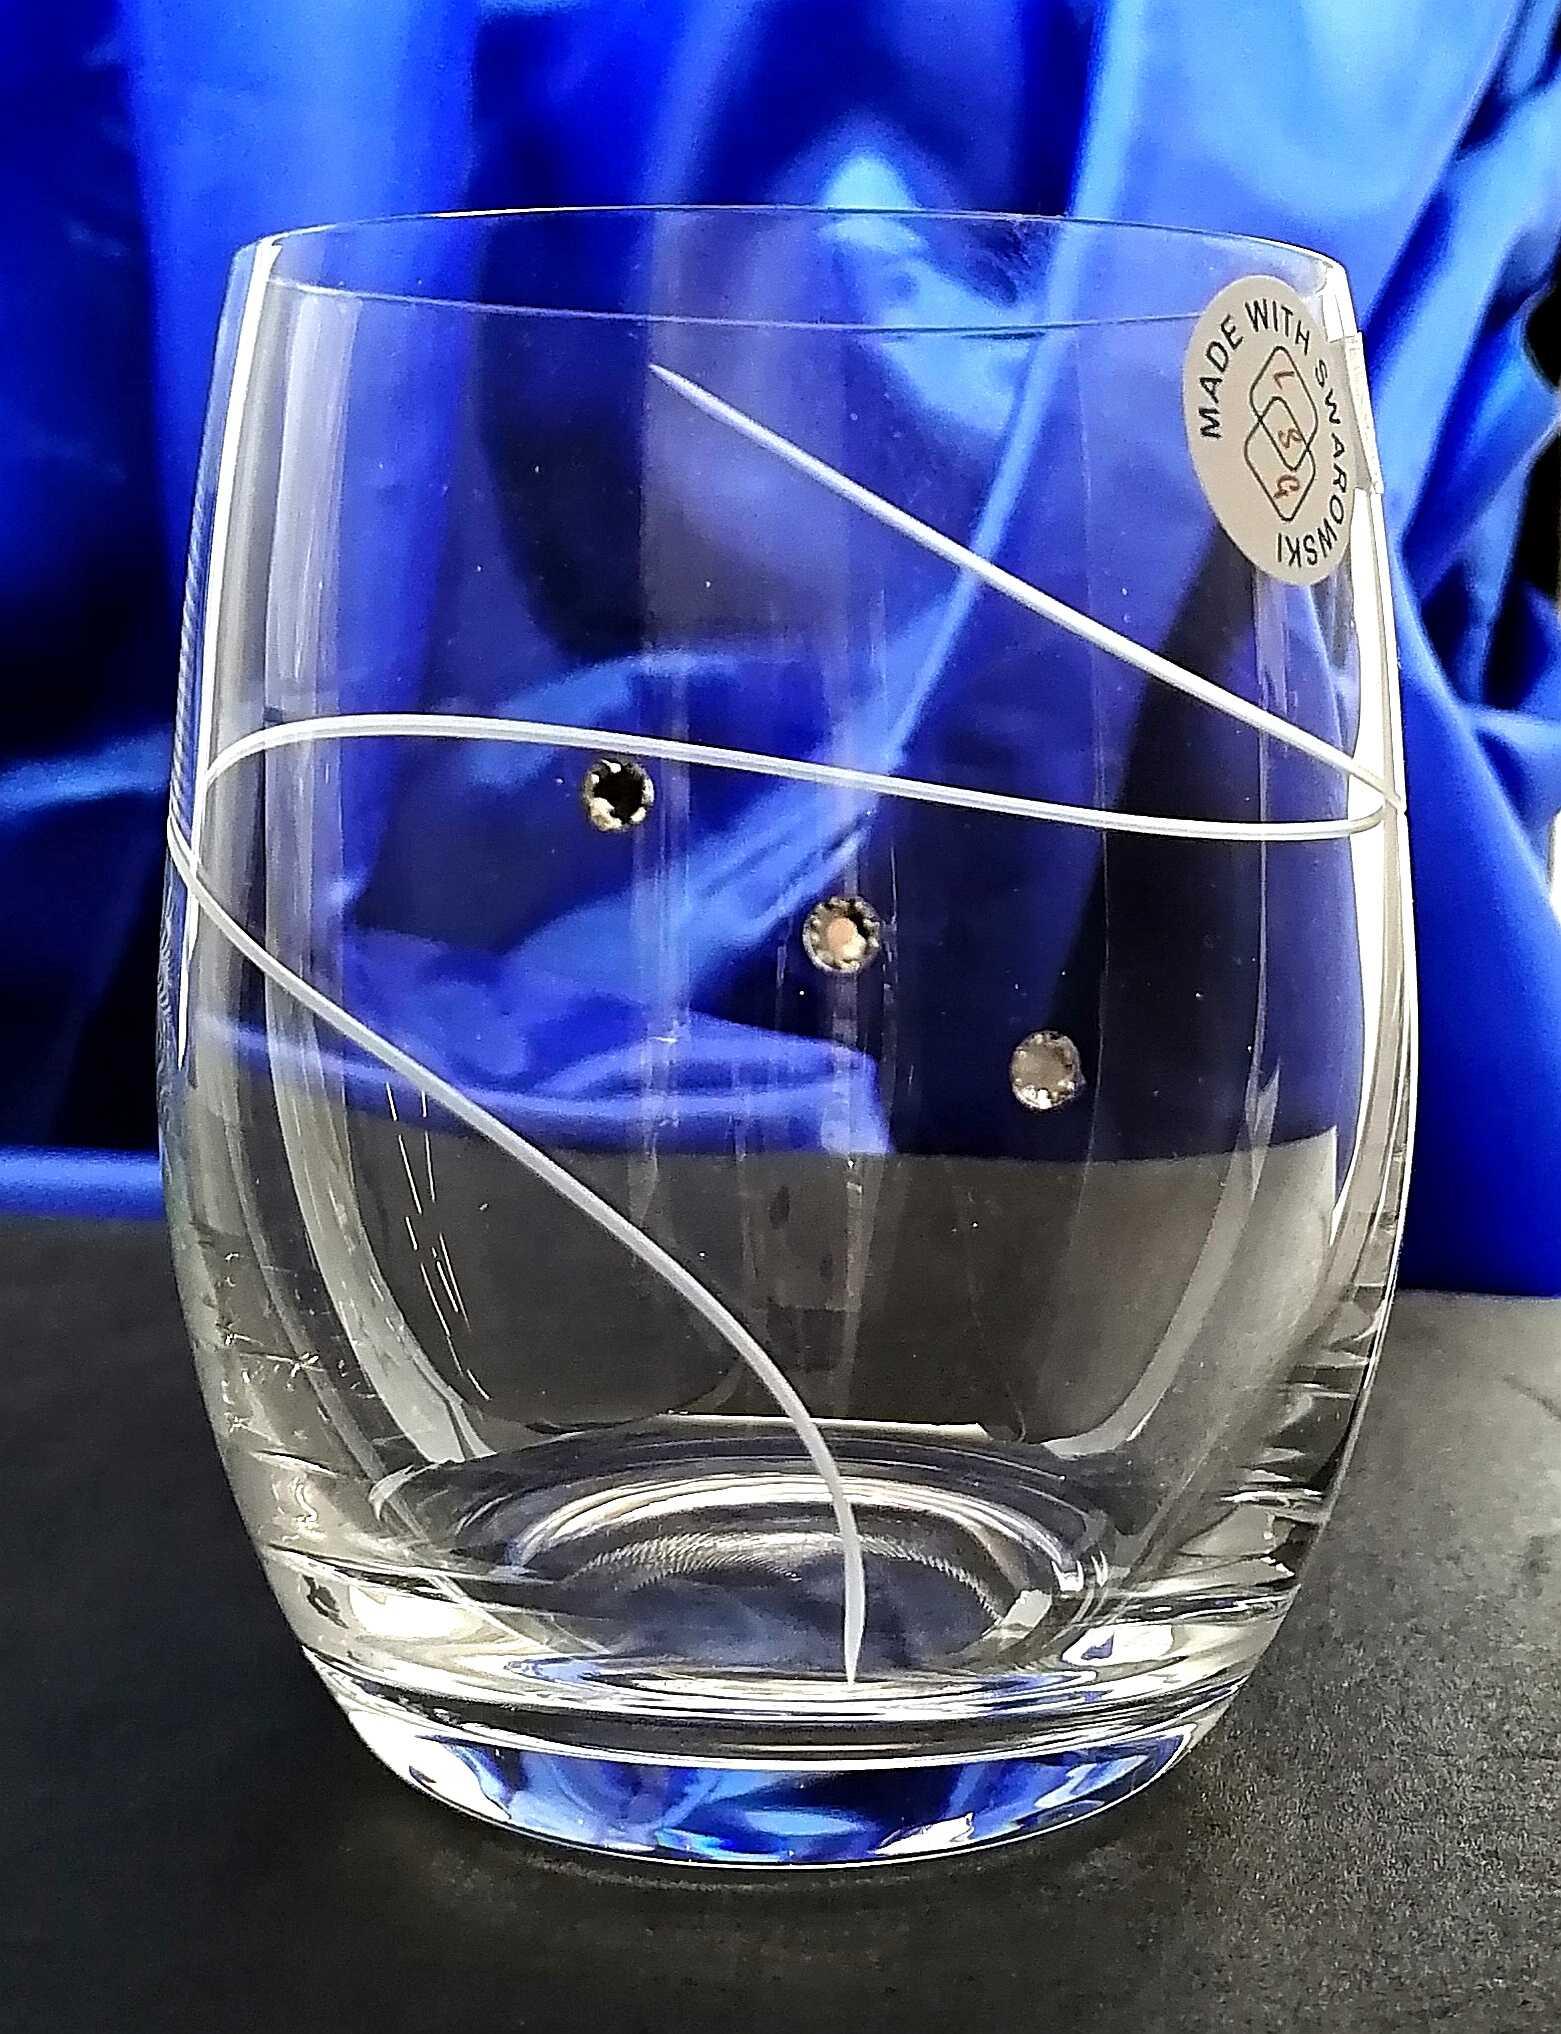 Lužické sklo LsG Nový Bor LsG-Crystal Skleničky na vodu/ červené víno / pivo SWAROVSKI krystaly broušená spirála Petra dárkové balení satén S747-492 300 ml 6 Ks.